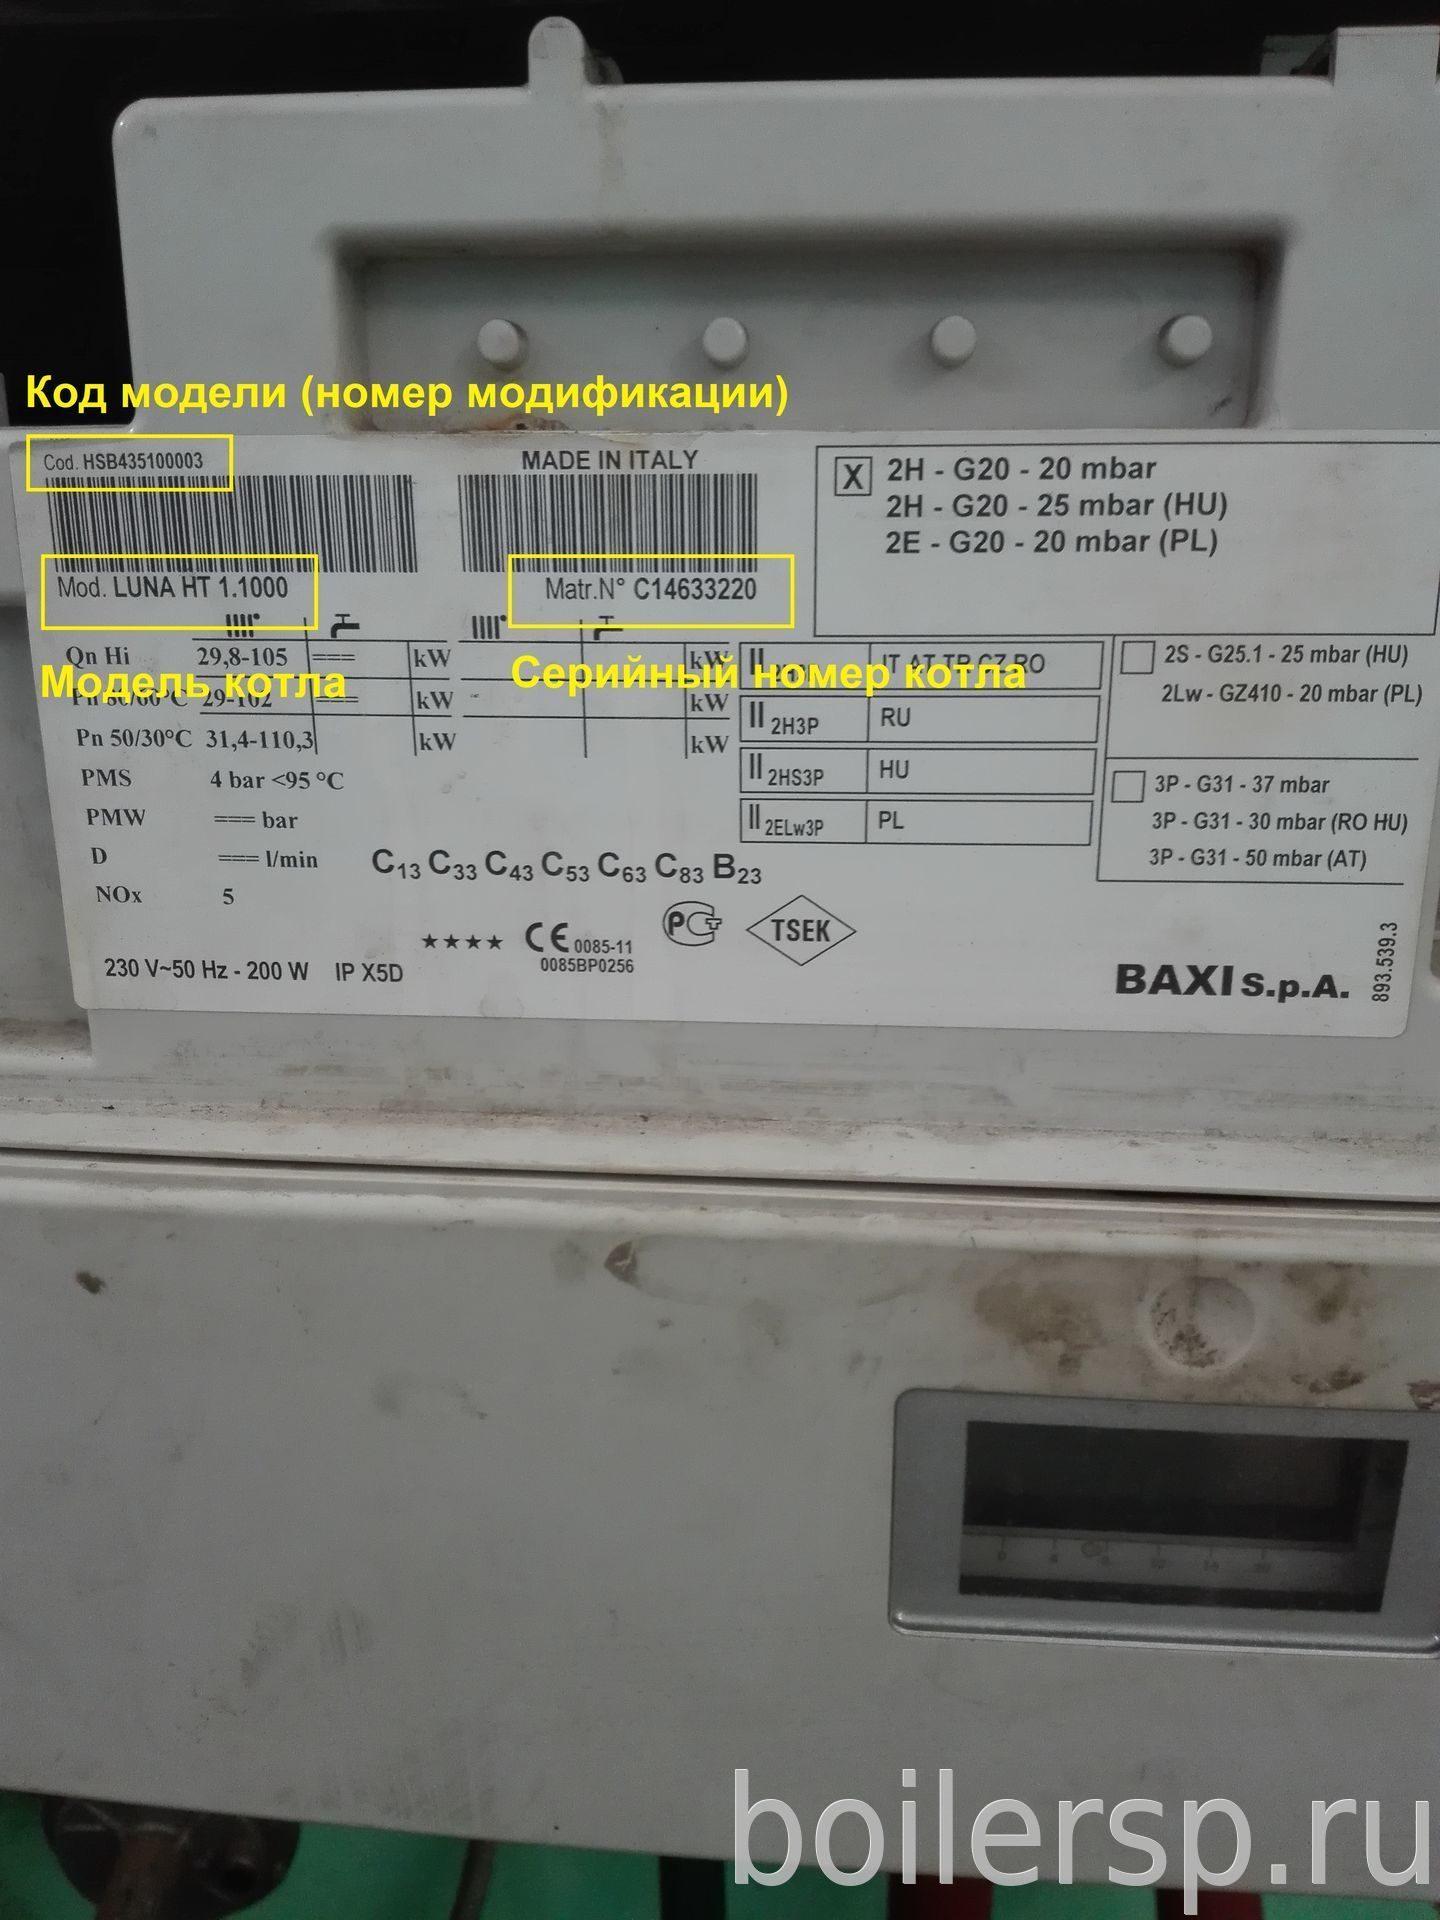 Обзор газового котла baxi luna-3 240 fi